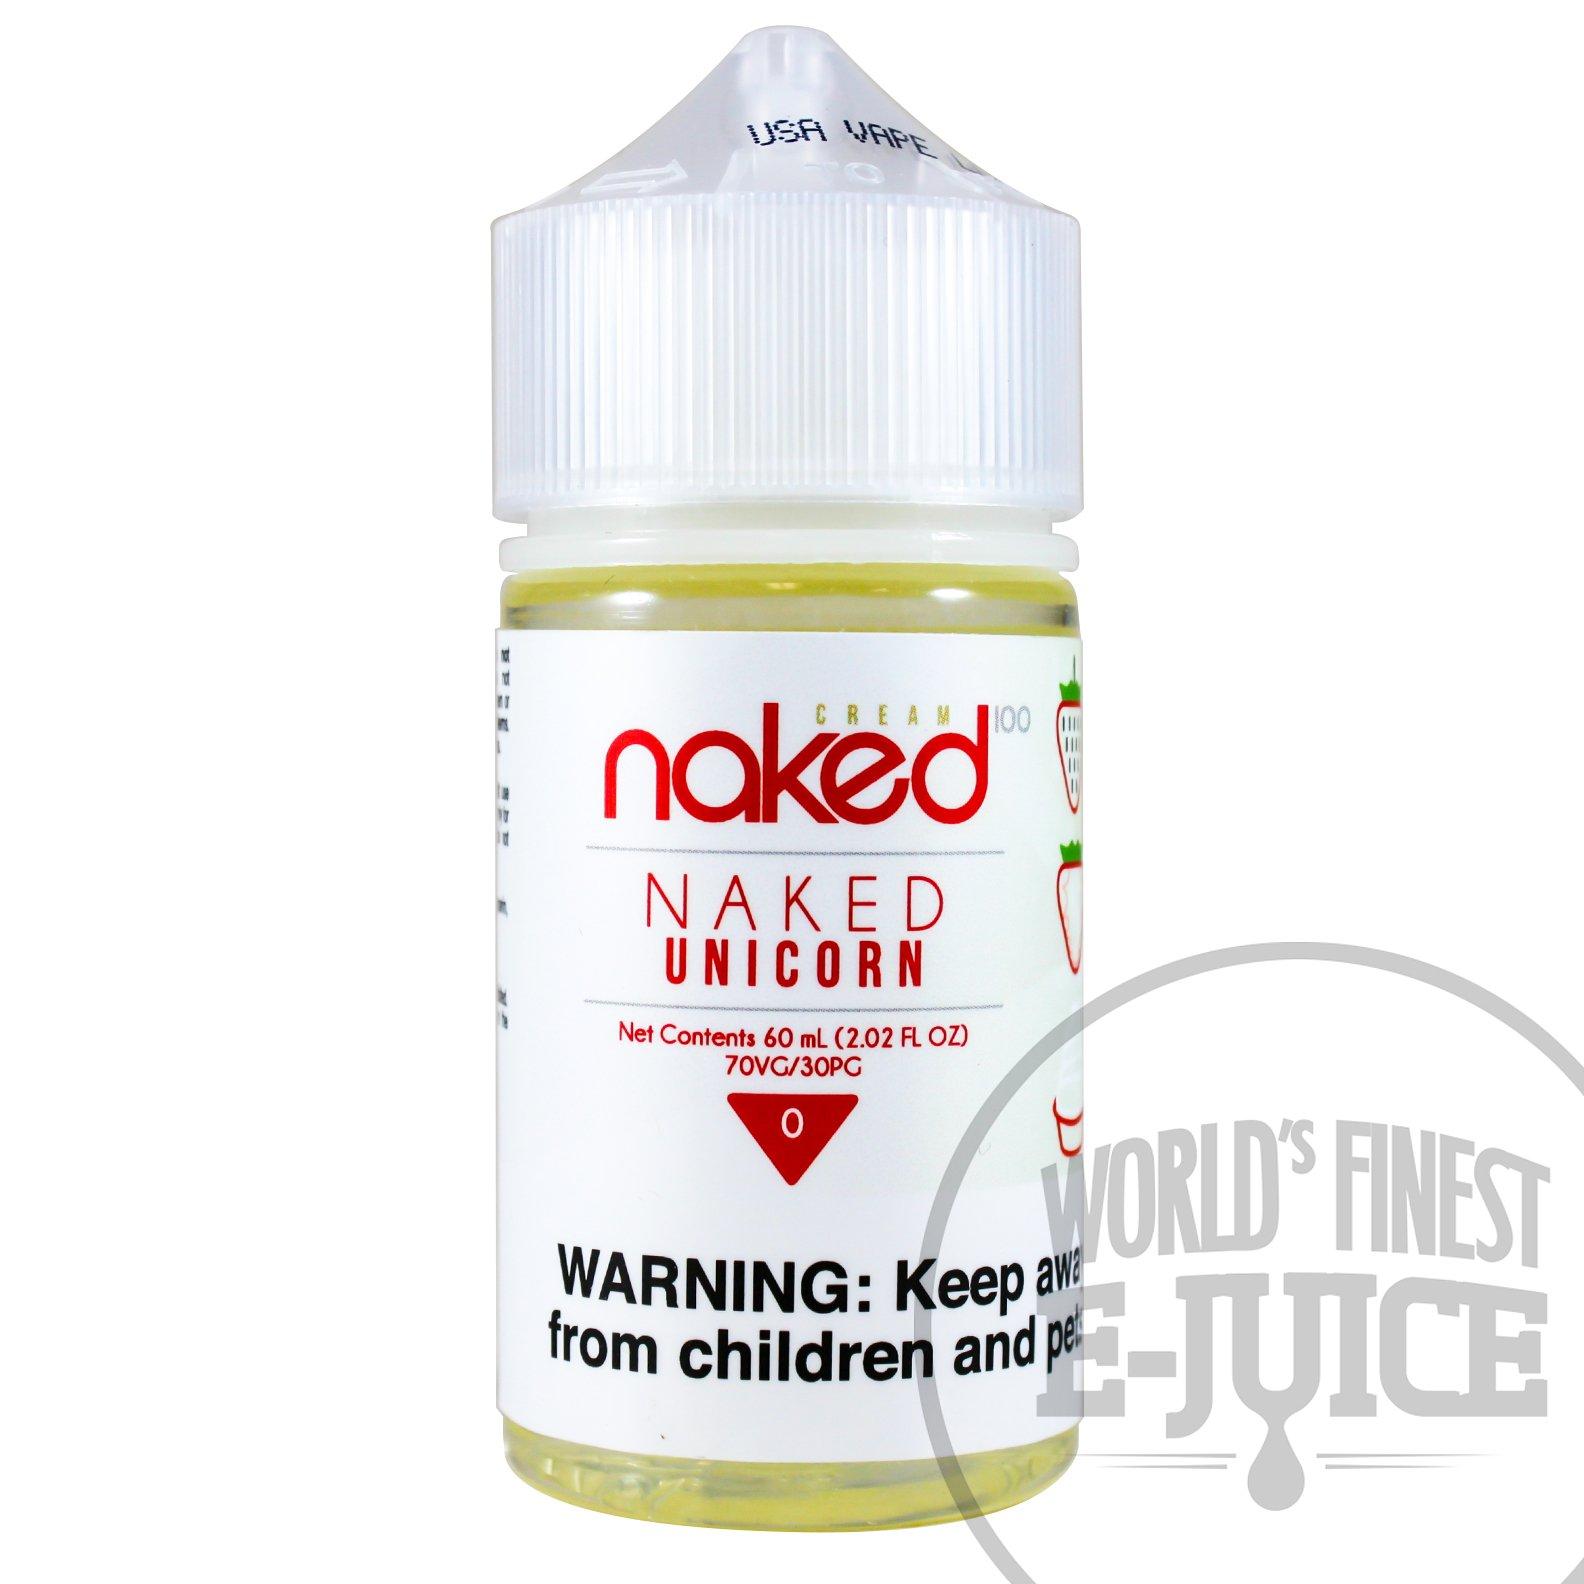 Naked 100 Cream Naked Unicorn Eliquid 50ml £9.99 vaping